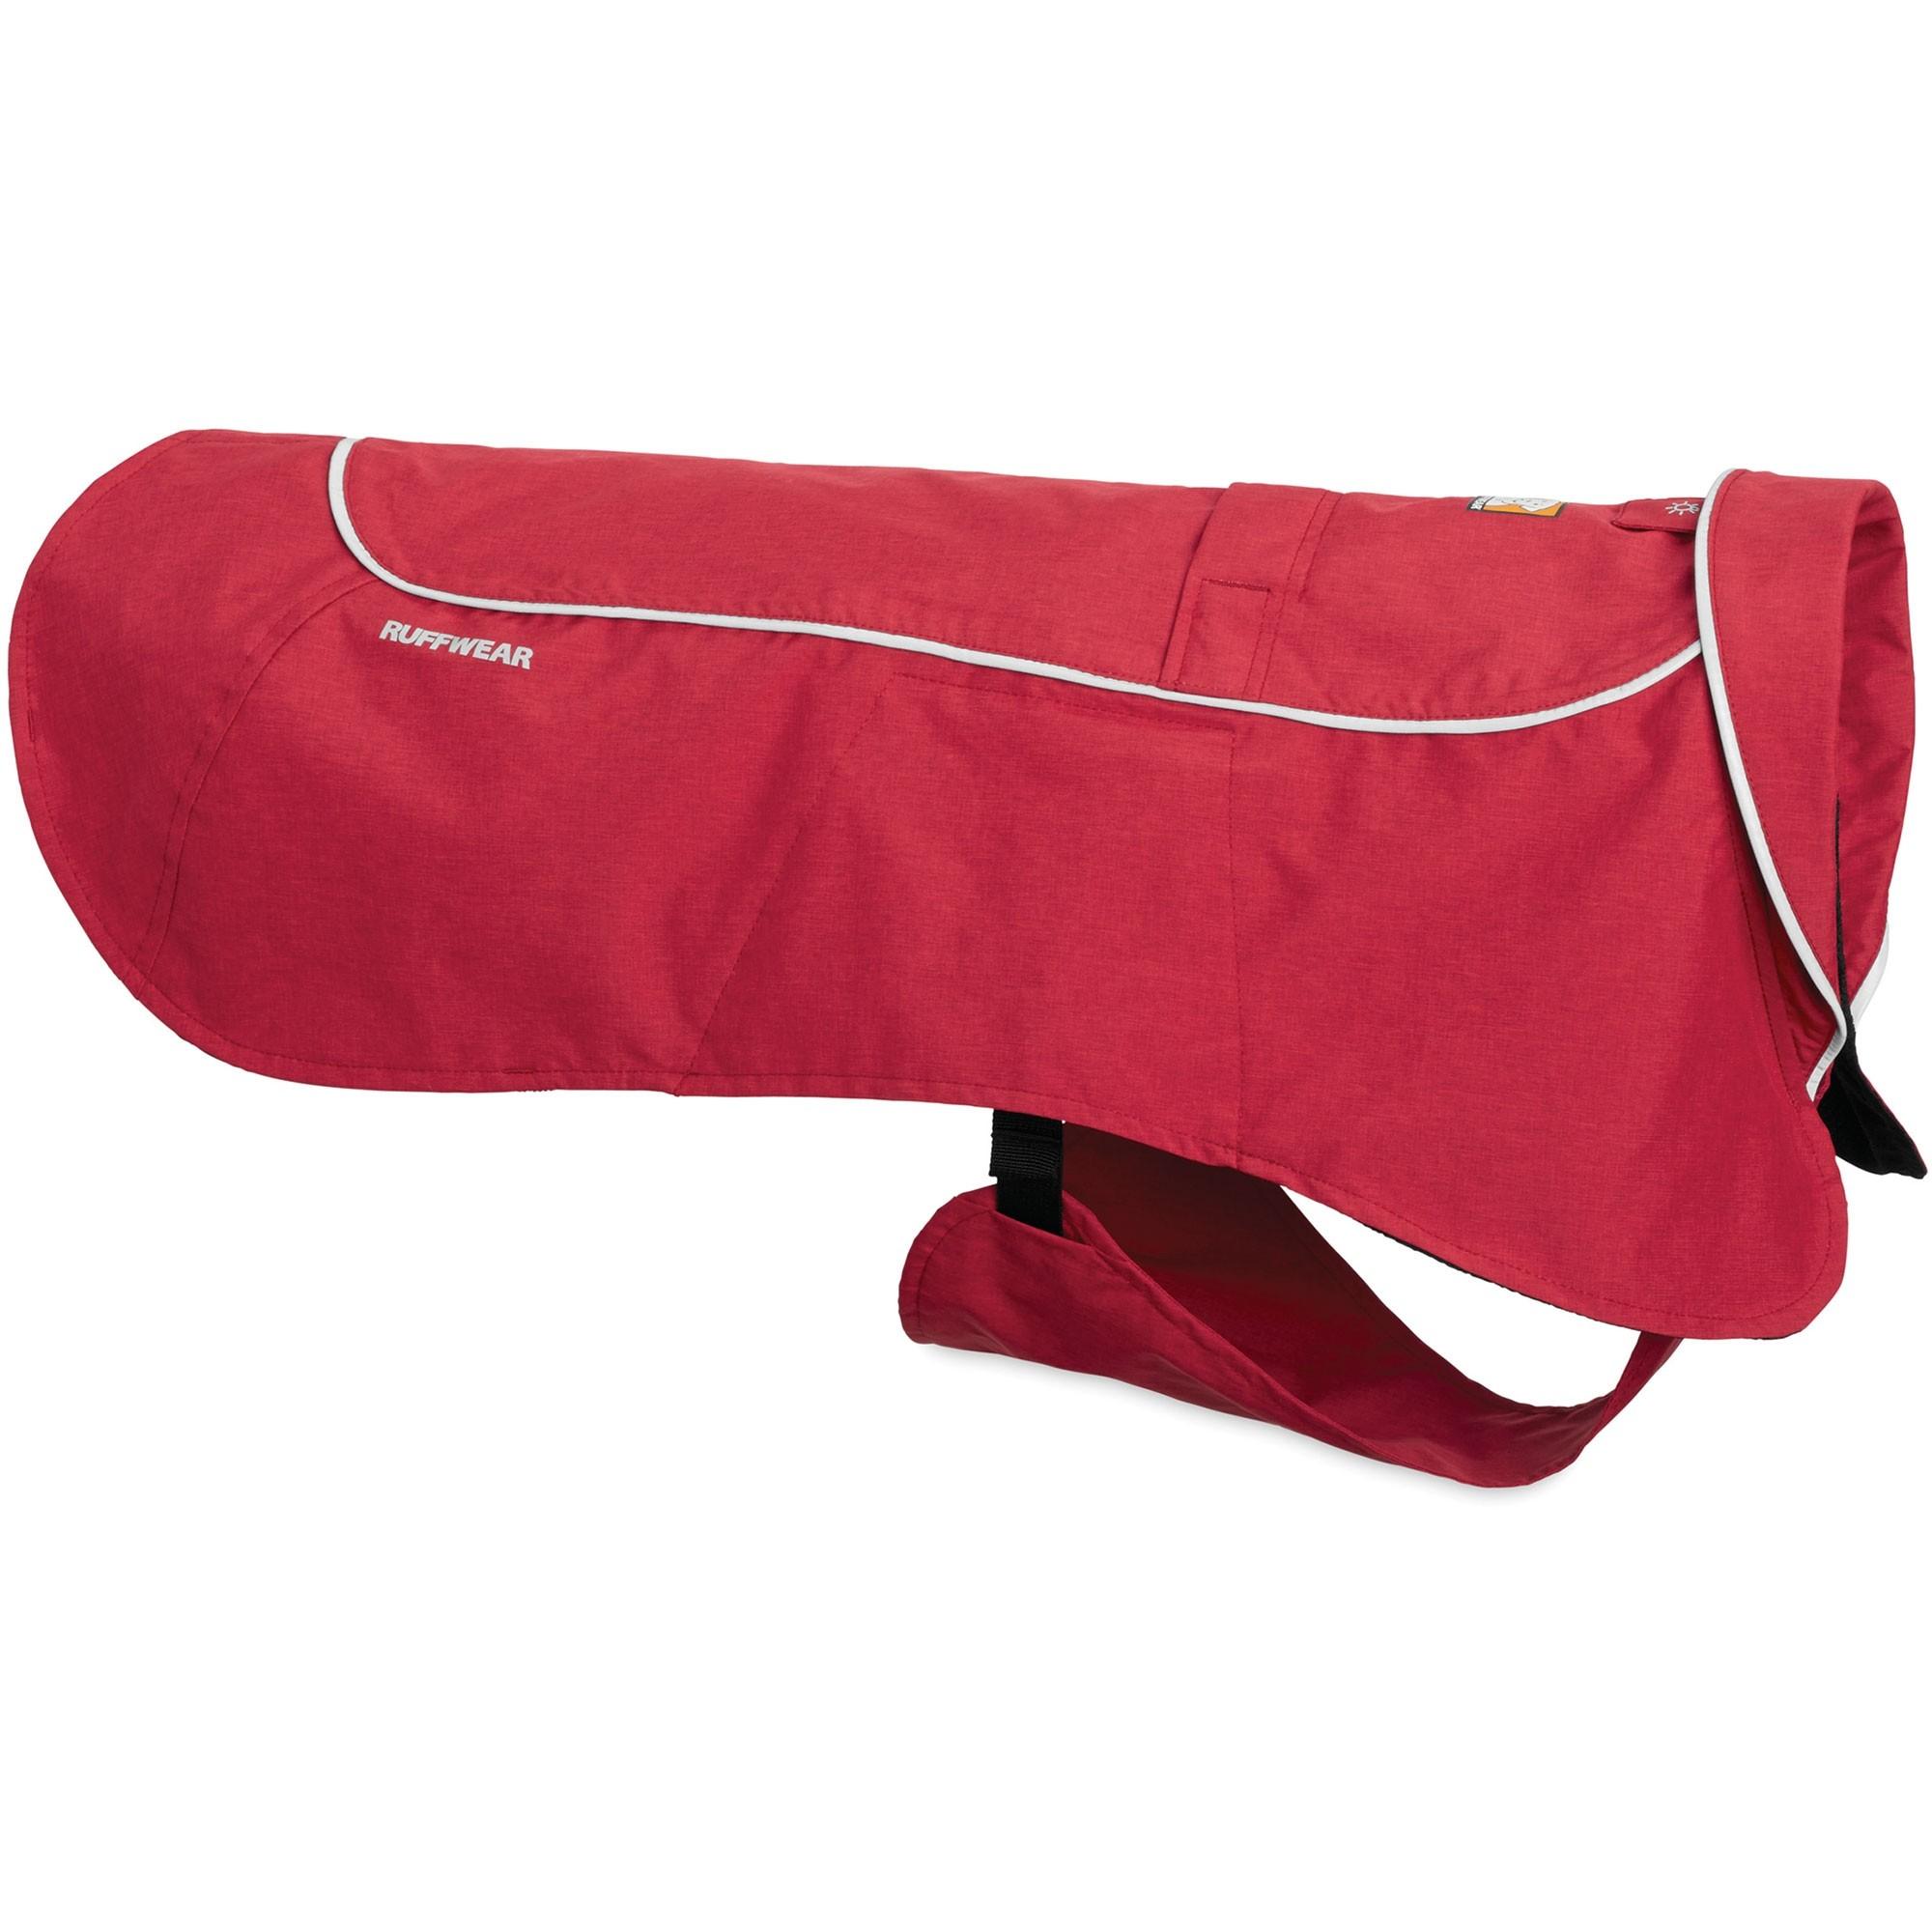 Ruffwear Aira Rain Jacket - Red Rock - Collar Down